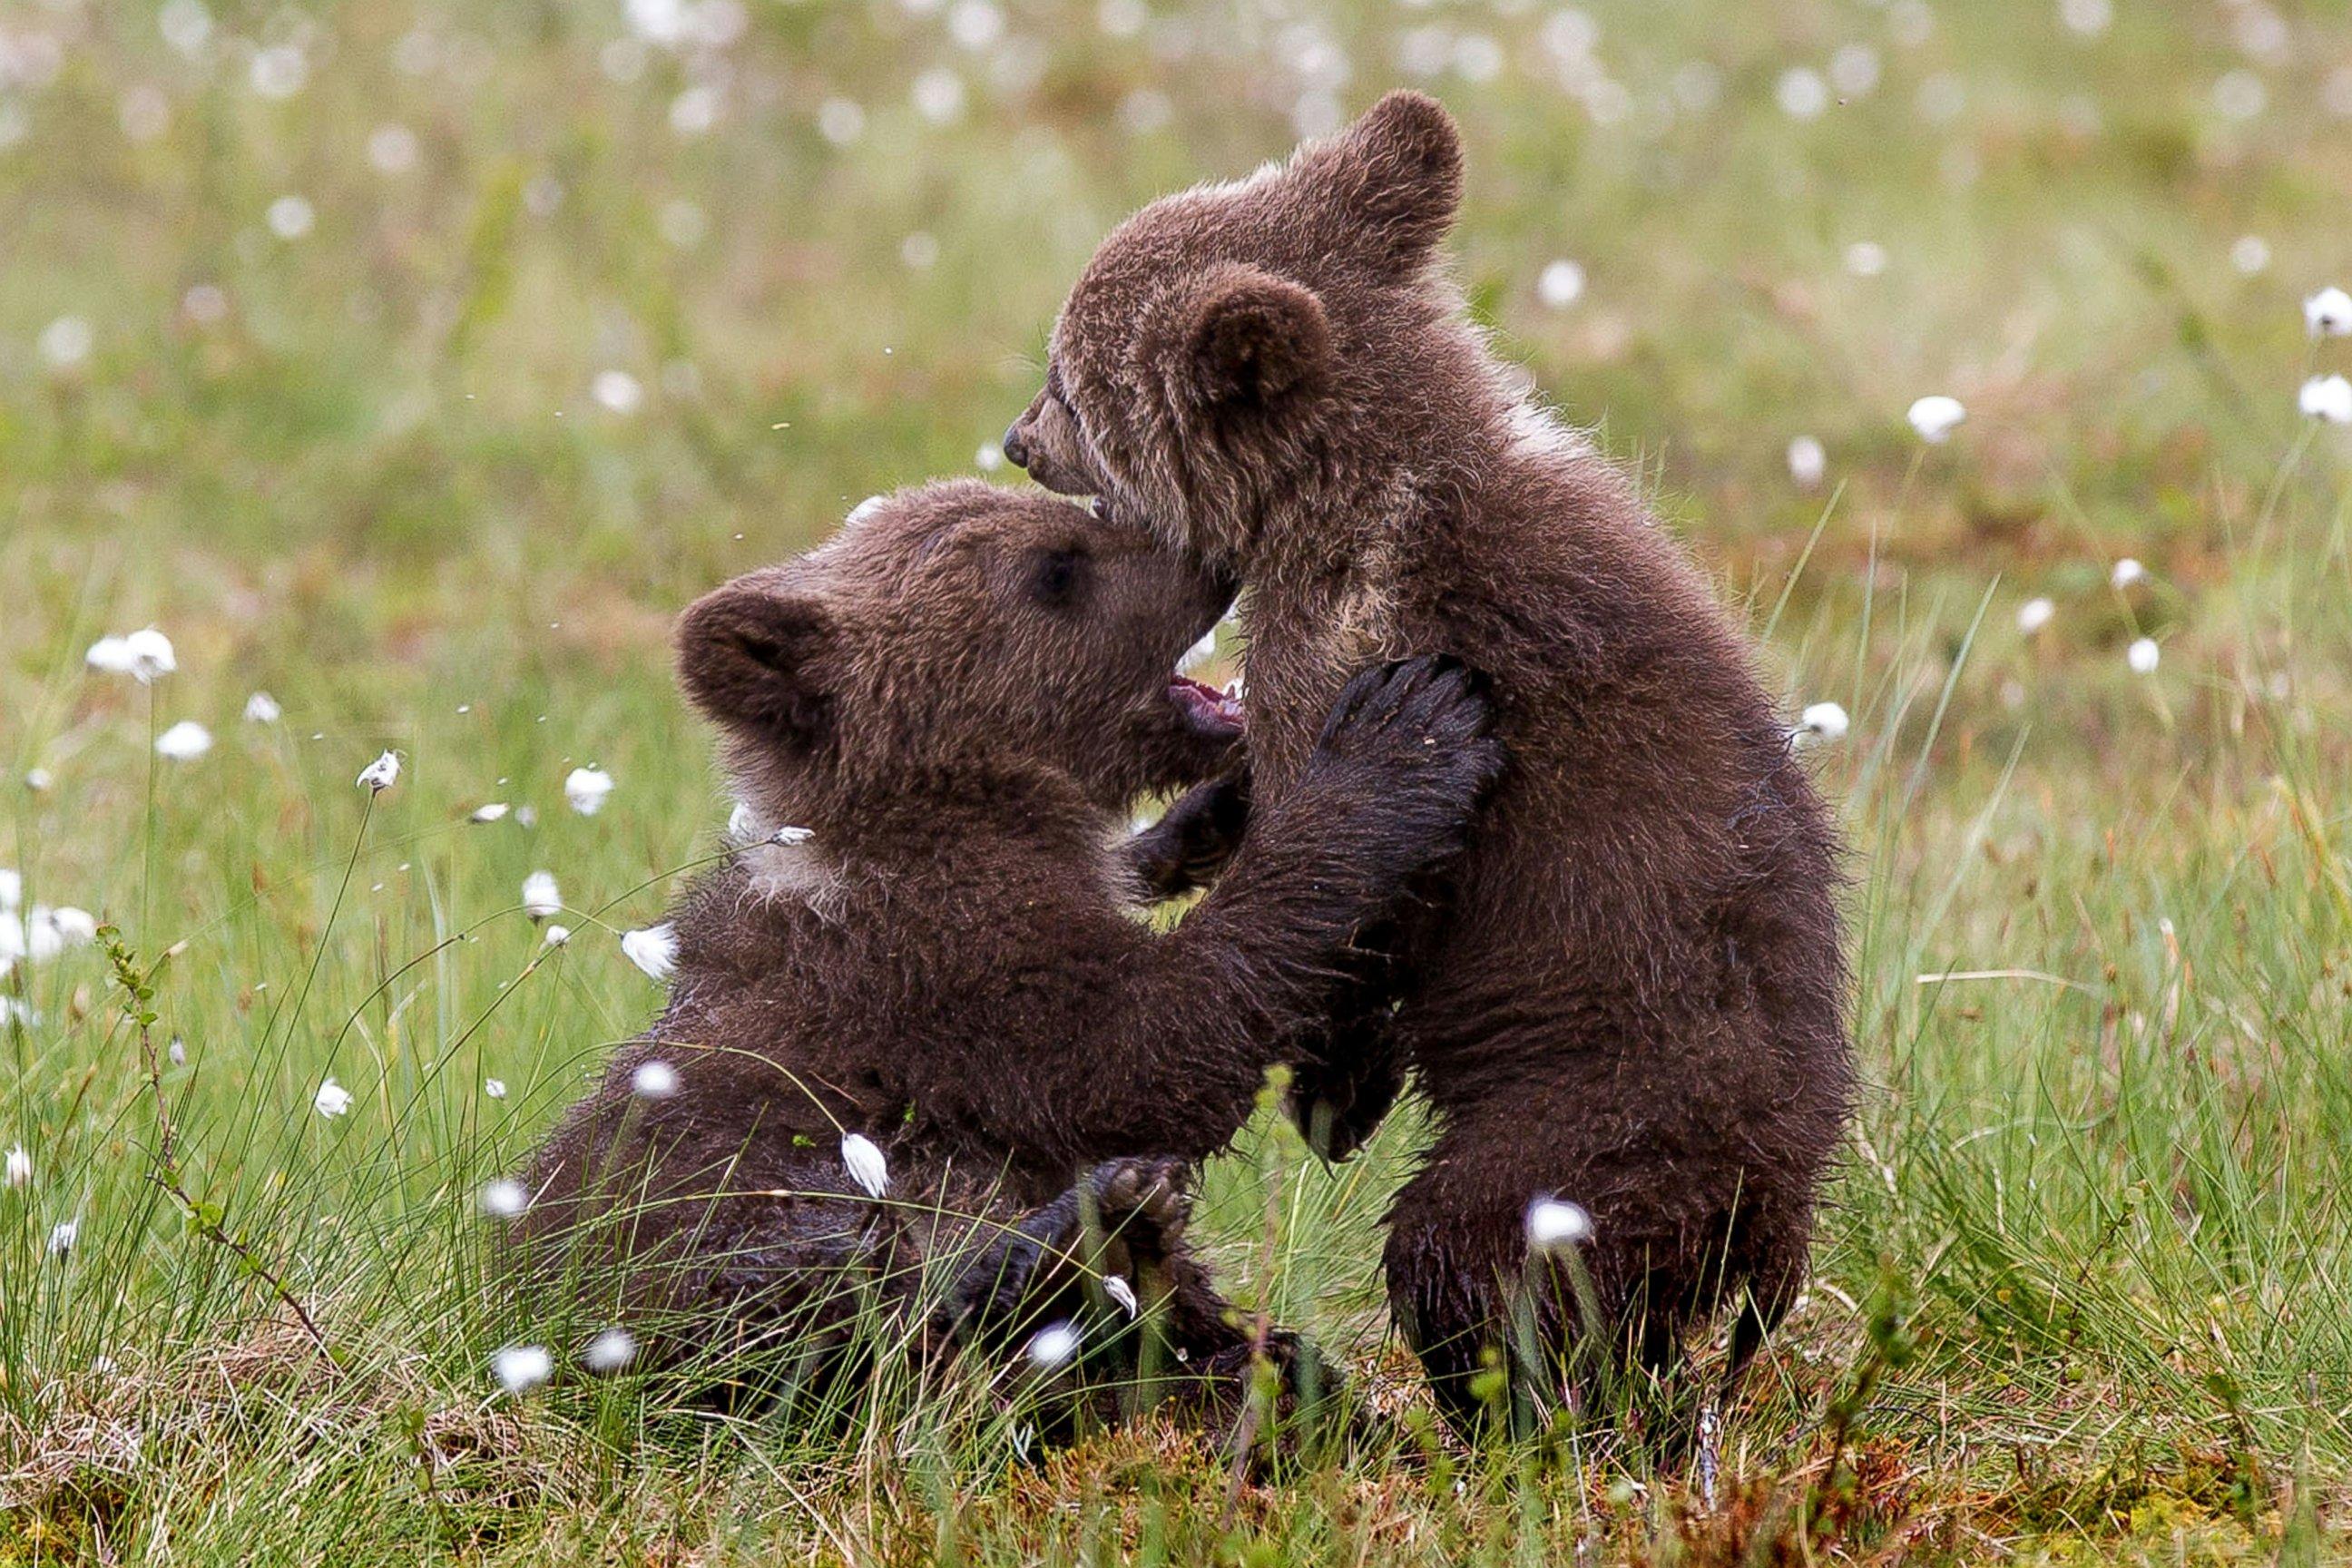 Adorable Cubs Have A Bear Hug!